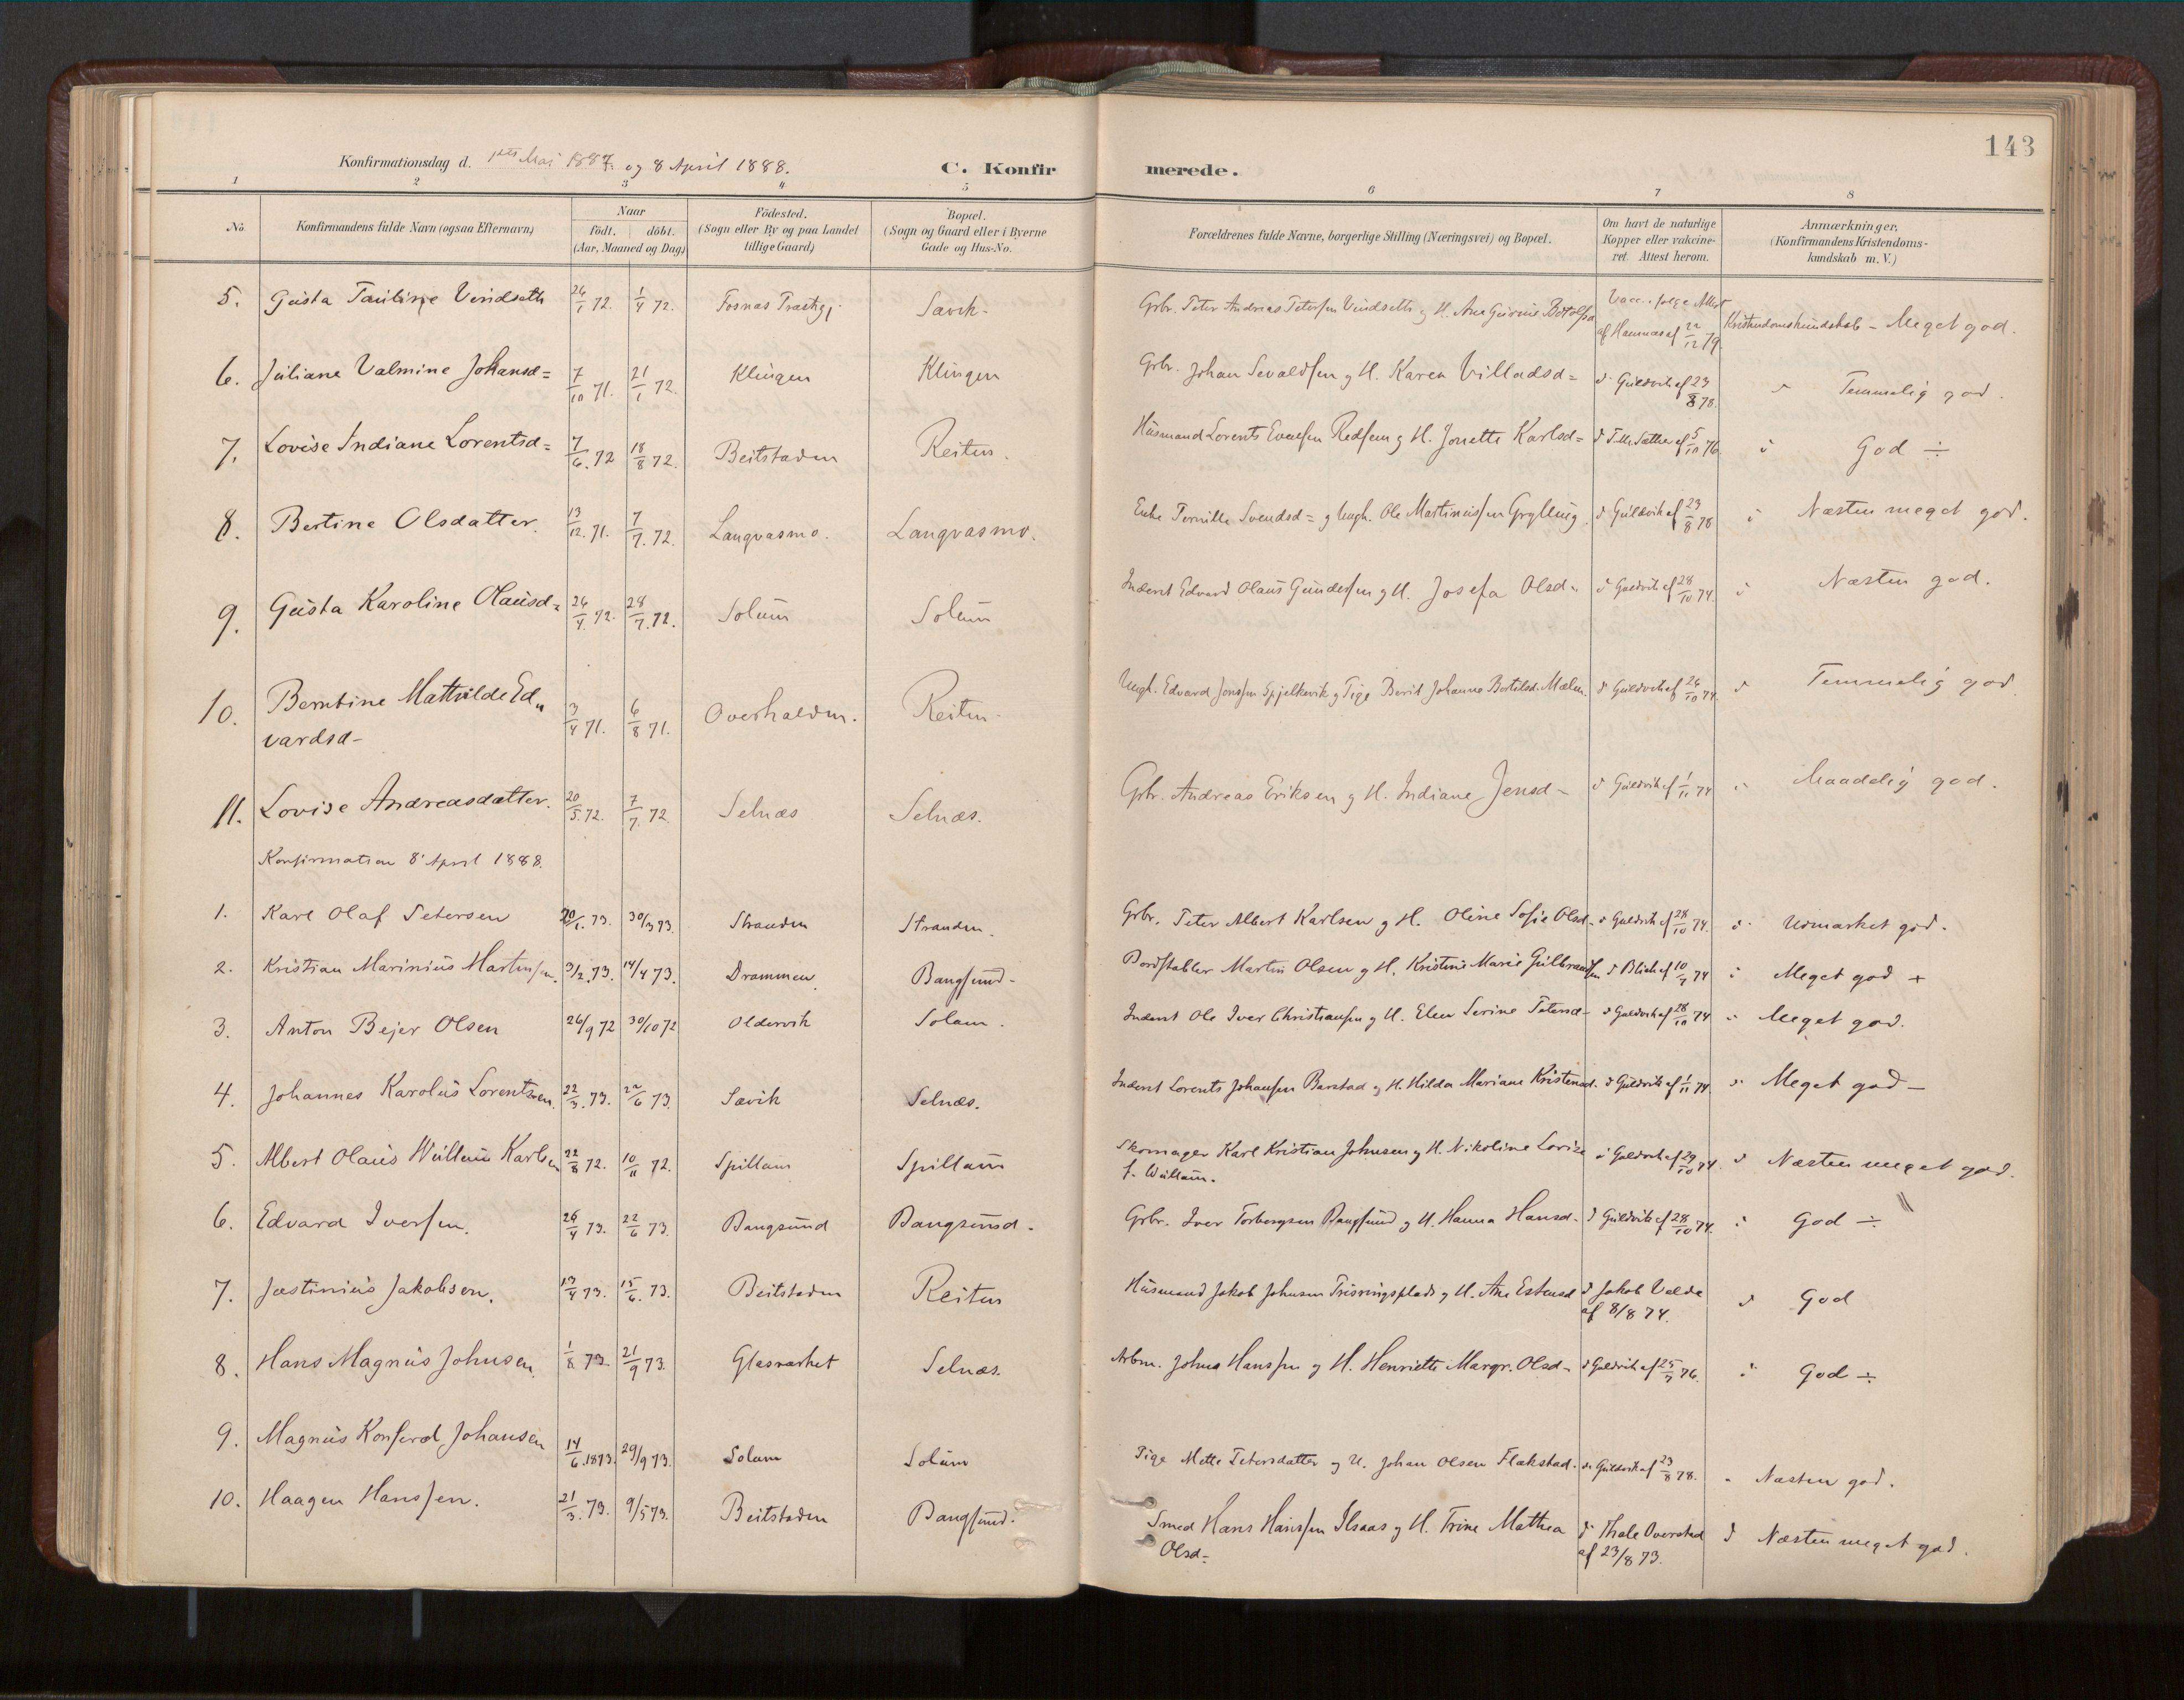 SAT, Ministerialprotokoller, klokkerbøker og fødselsregistre - Nord-Trøndelag, 770/L0589: Ministerialbok nr. 770A03, 1887-1929, s. 143